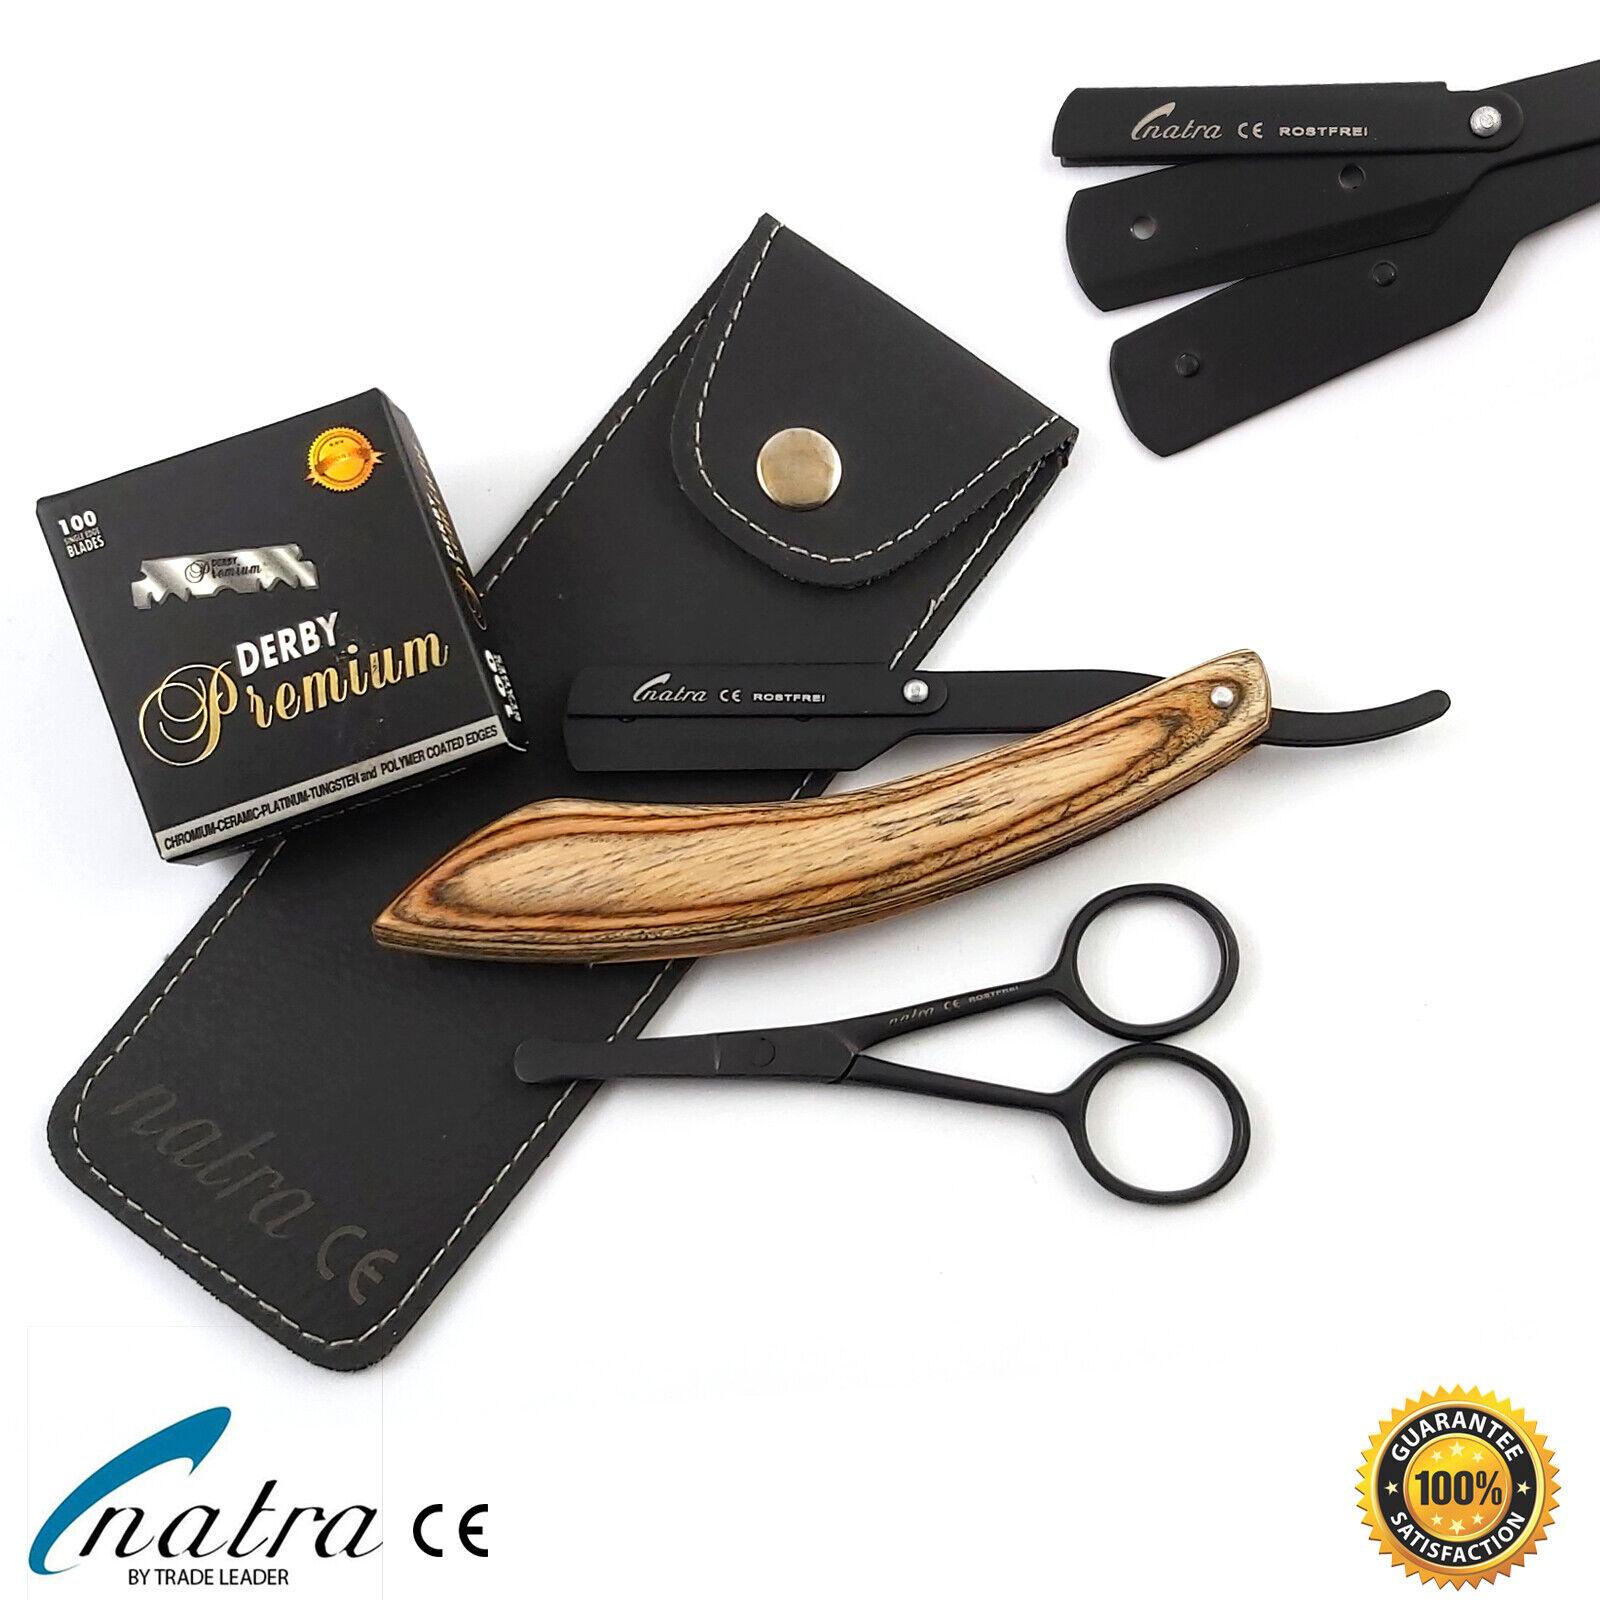 NATRA Holz Rasiermesser 100 DERBY PREMIUM Rasierklingen Bartschere Etui